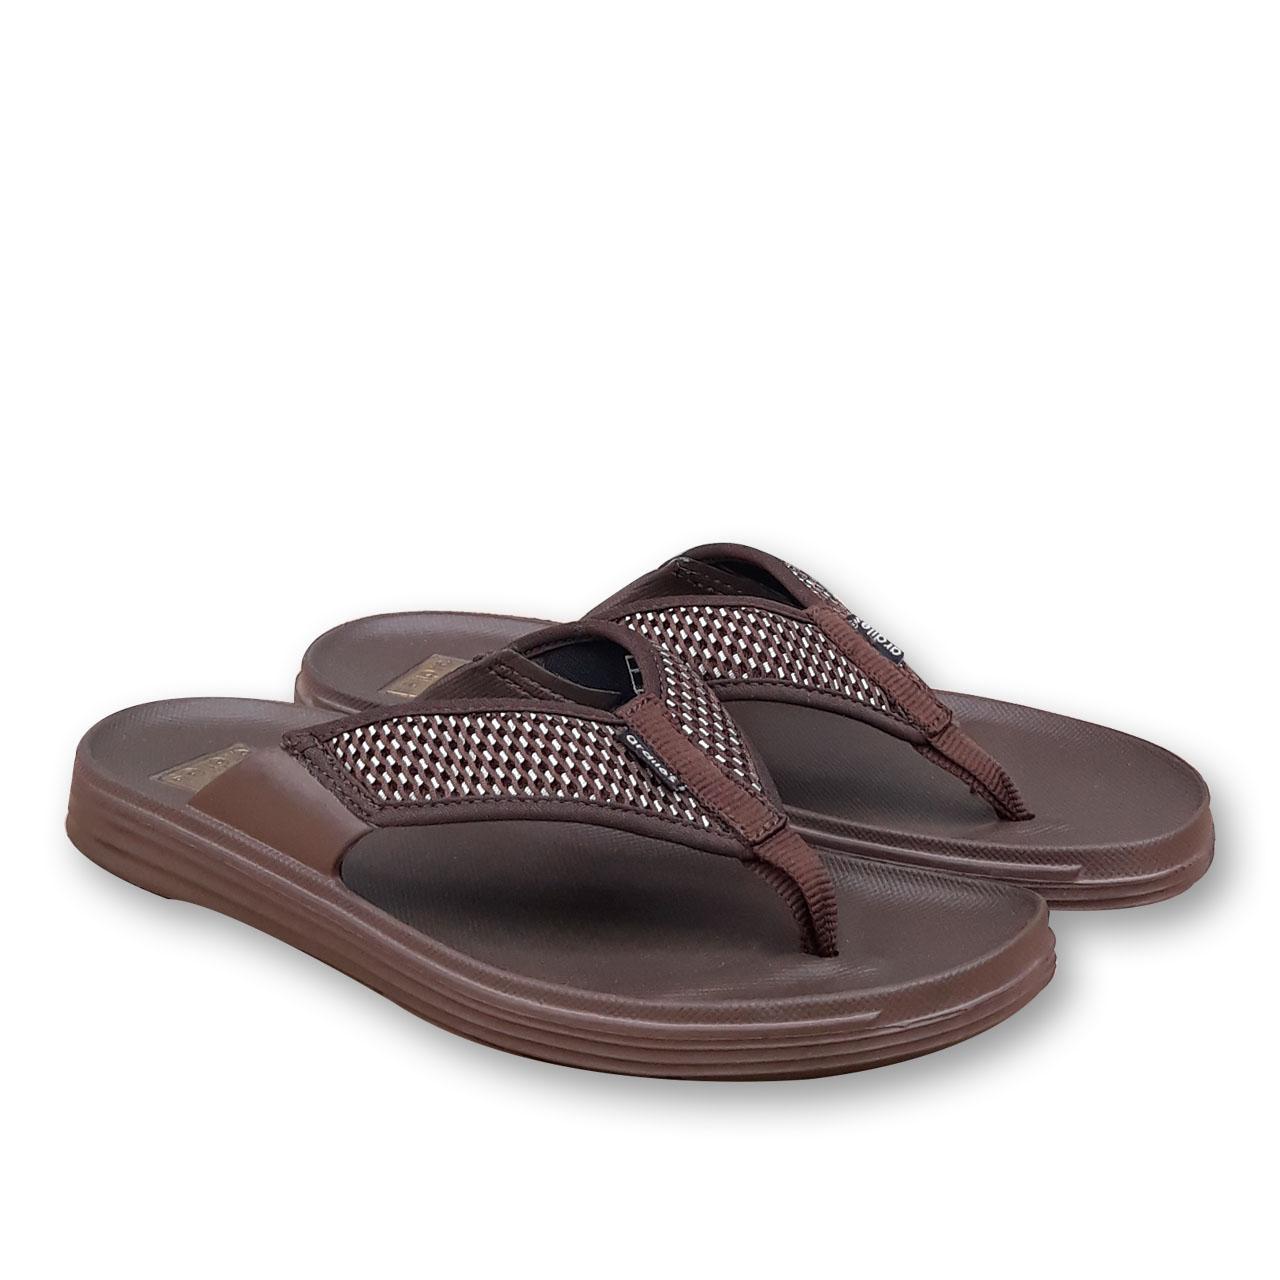 Amelia Olshop - Sandal Pria TANNO 39-43 / Sandal Jepit Pria / Sandal Pria / Sandal Casual Pria / Sa